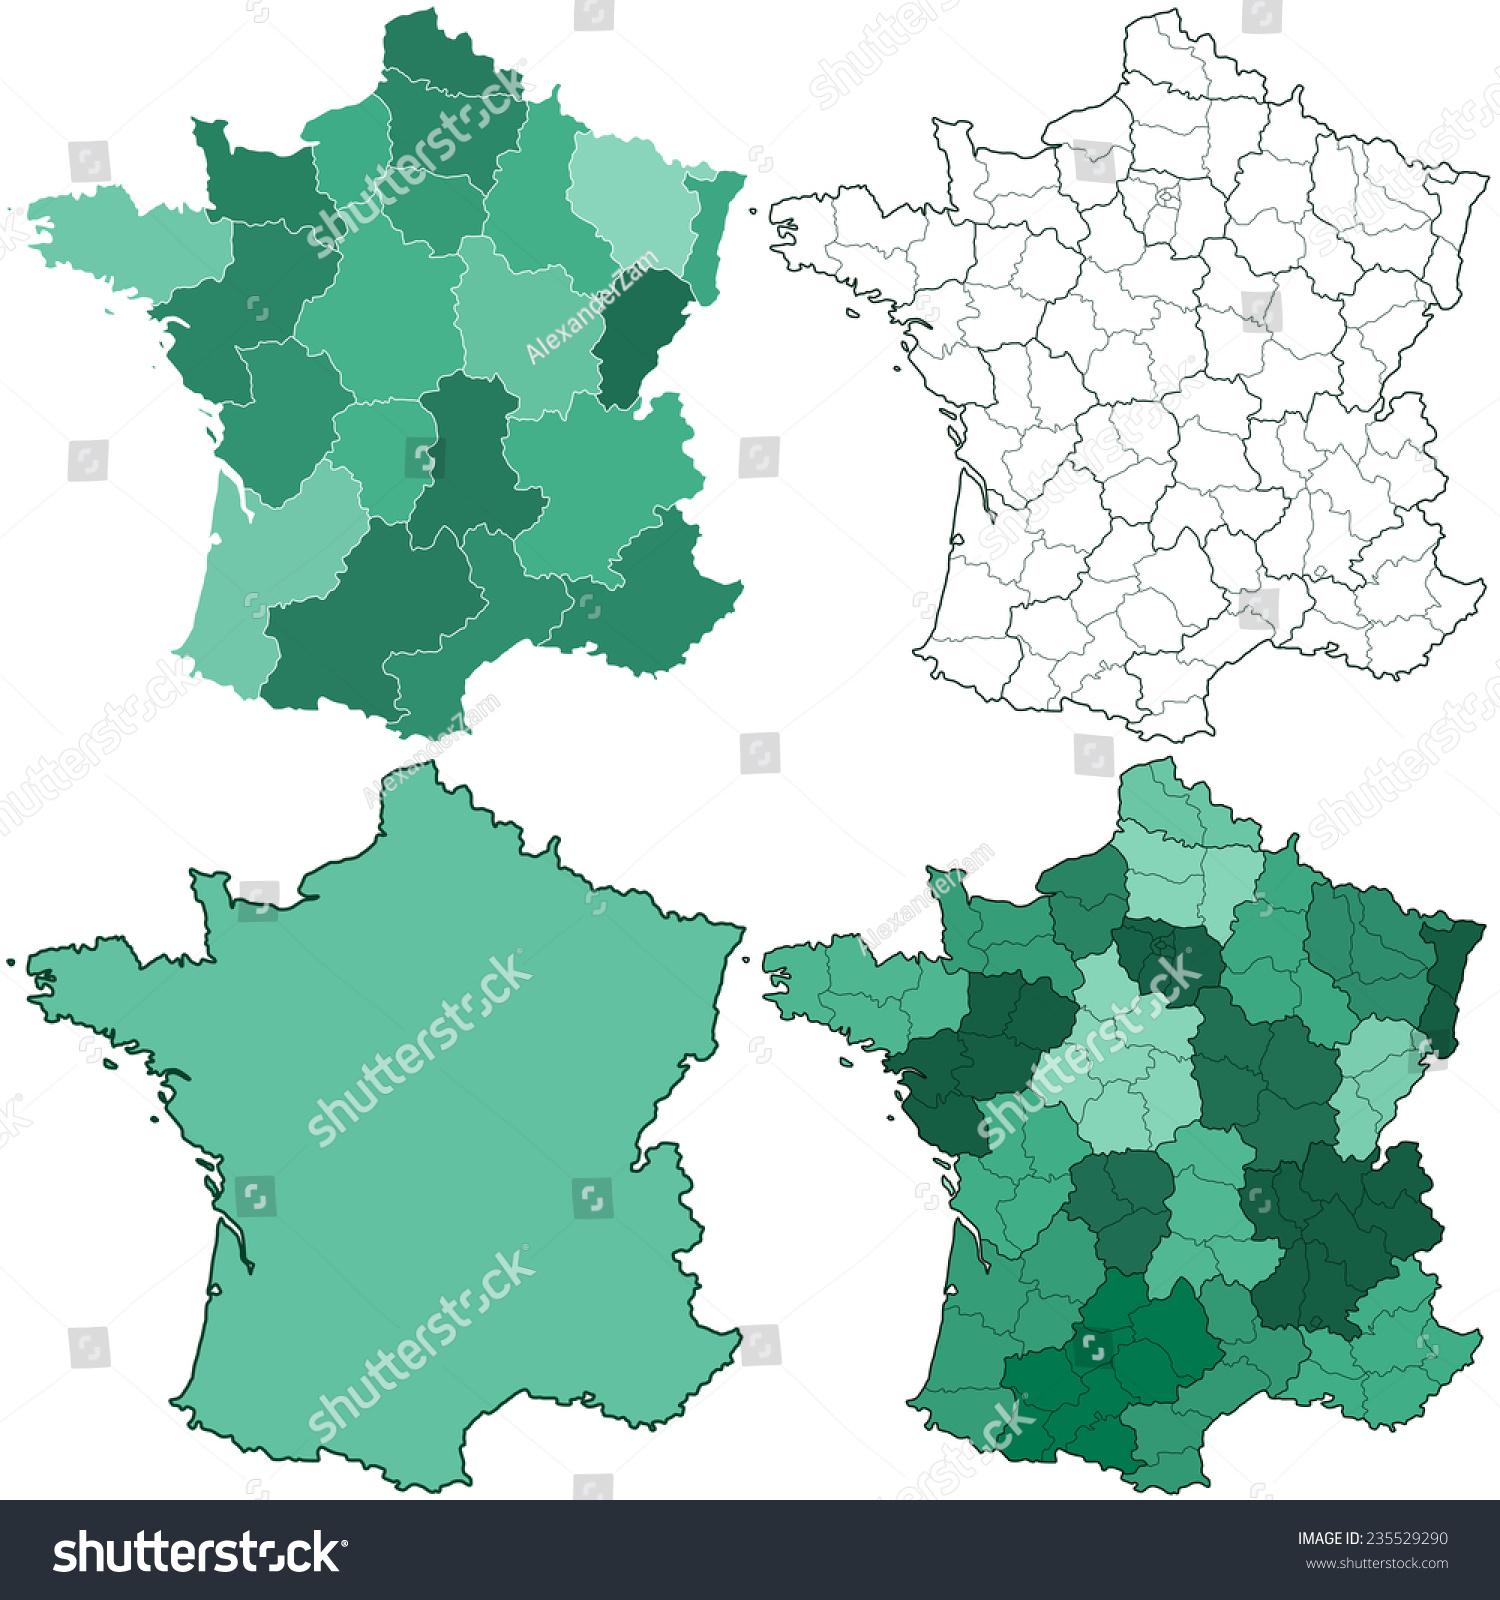 Image Vectorielle De Stock De Silhouette Carte Ensemble De destiné Carte De La France Avec Les Régions